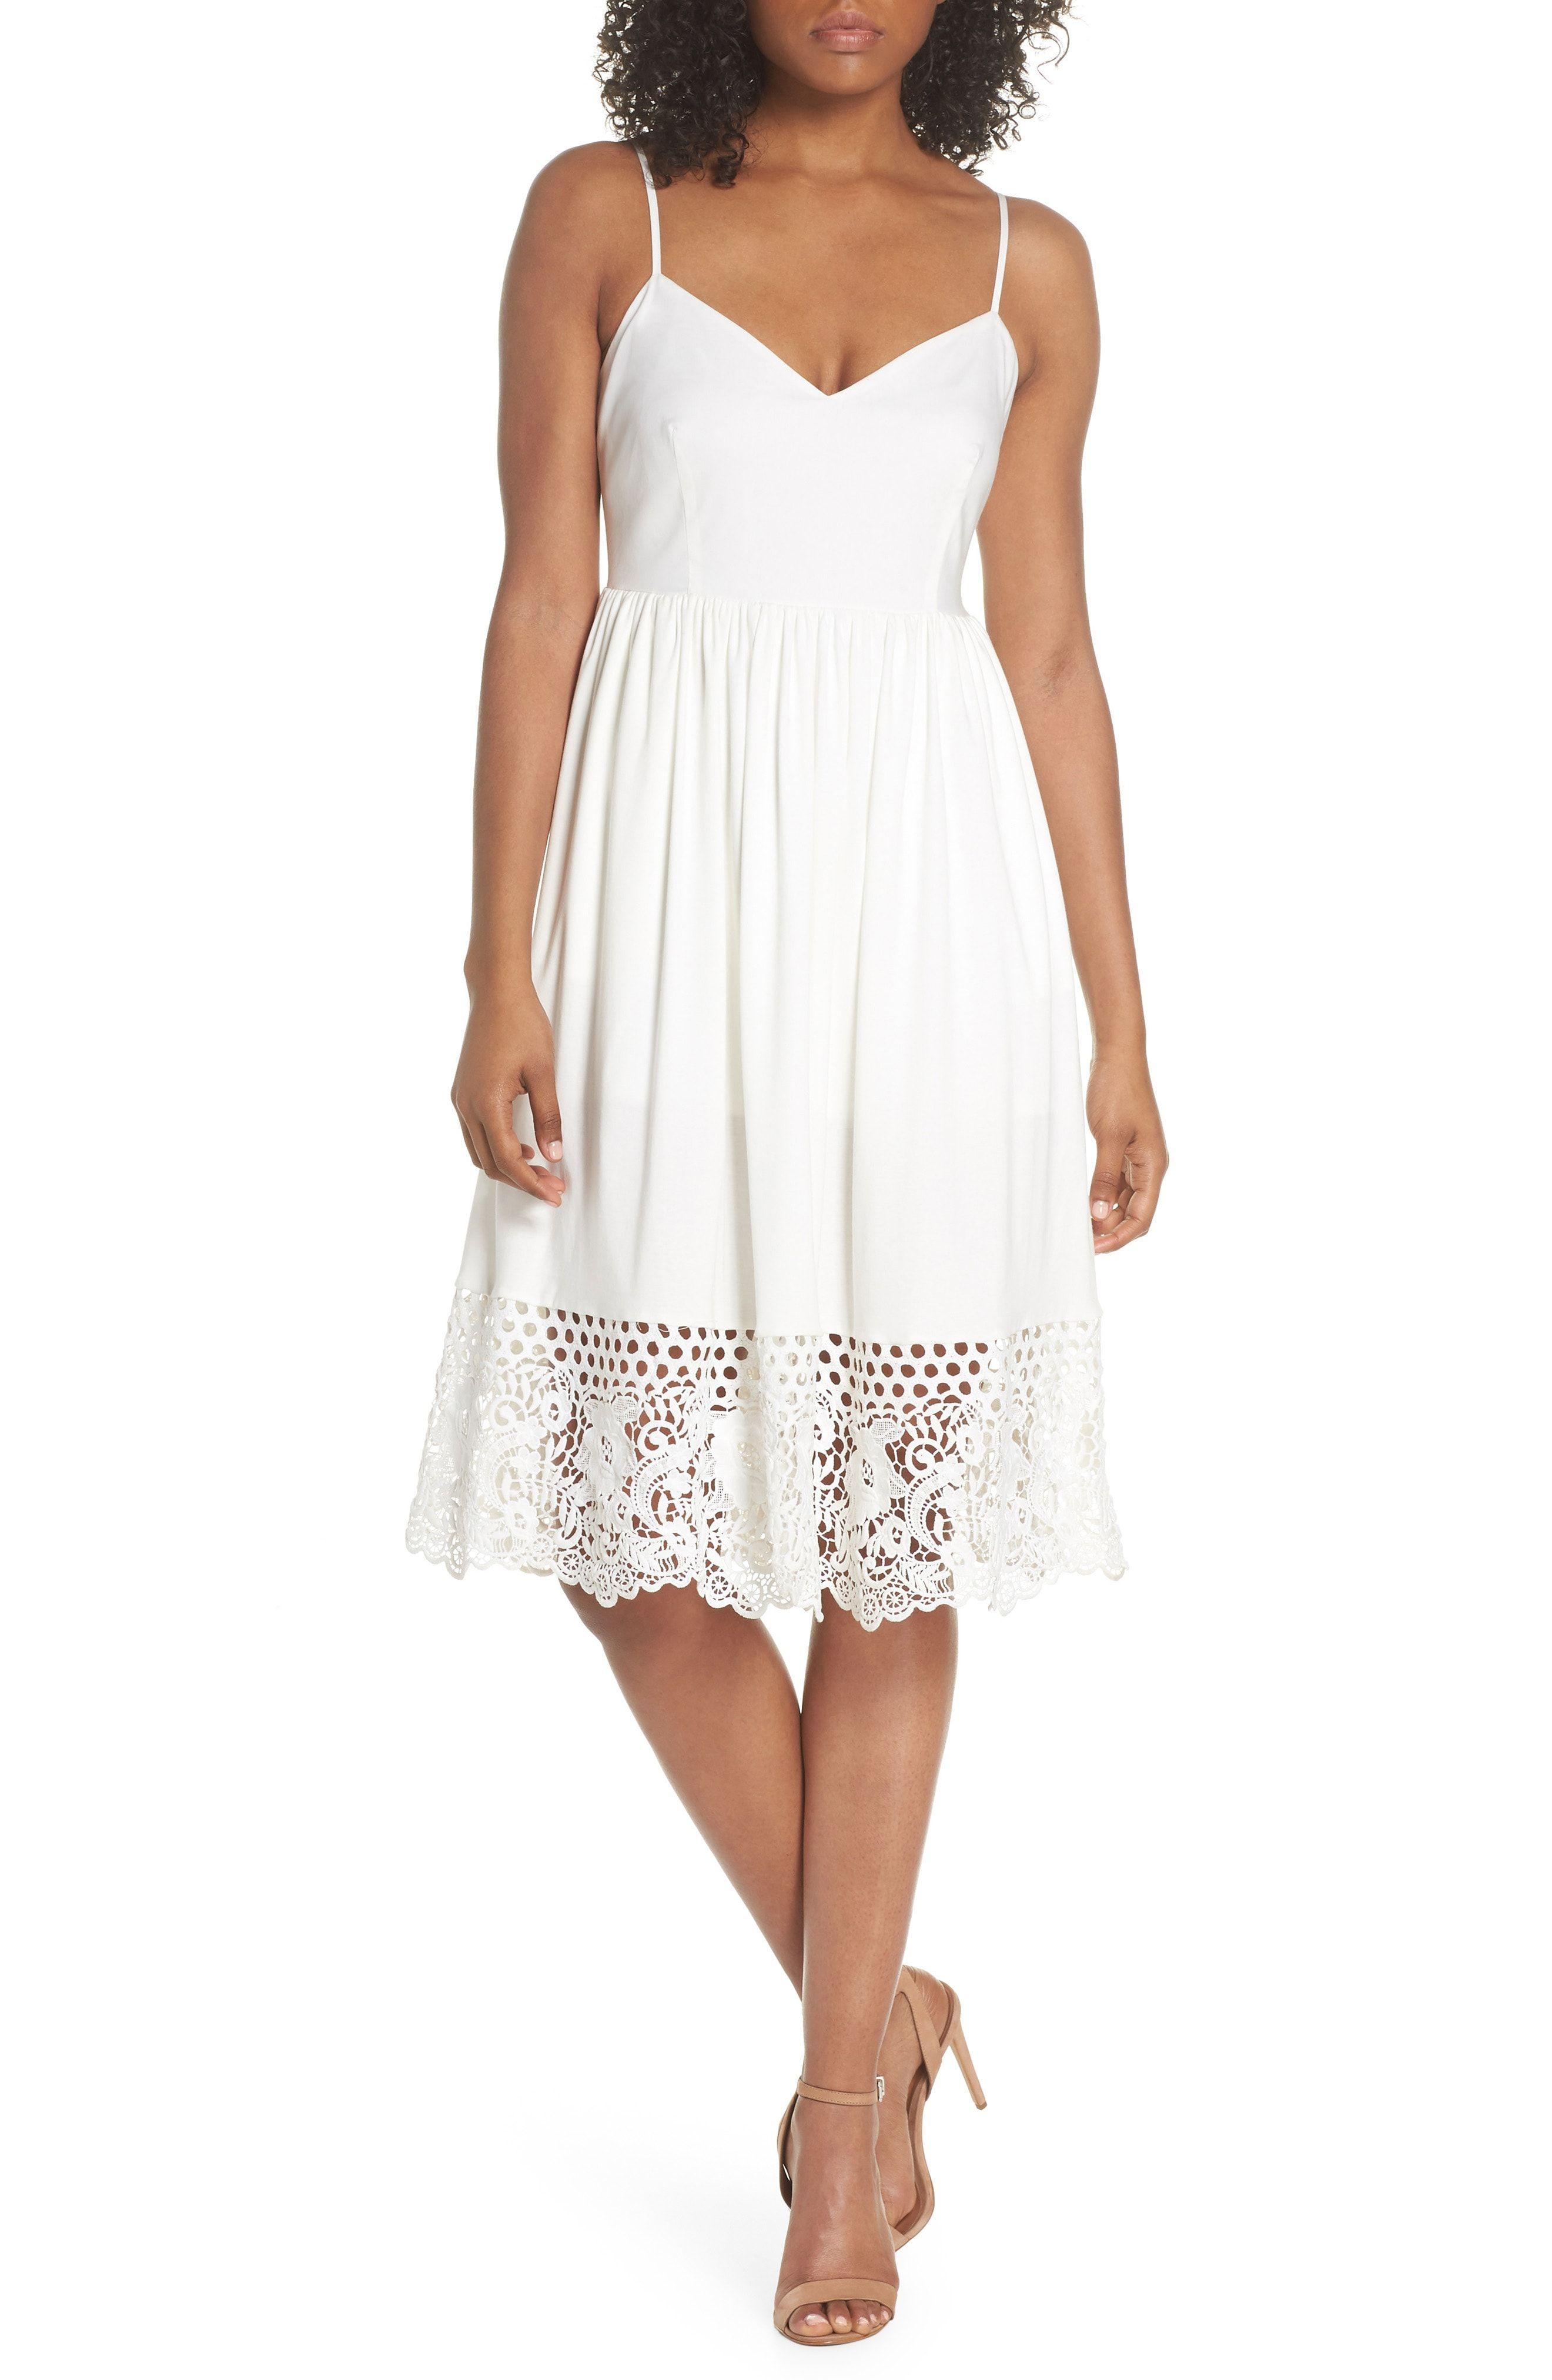 Gorgeous White Summer Dress From Nordstrom Frock For Women Dresses Little White Dresses